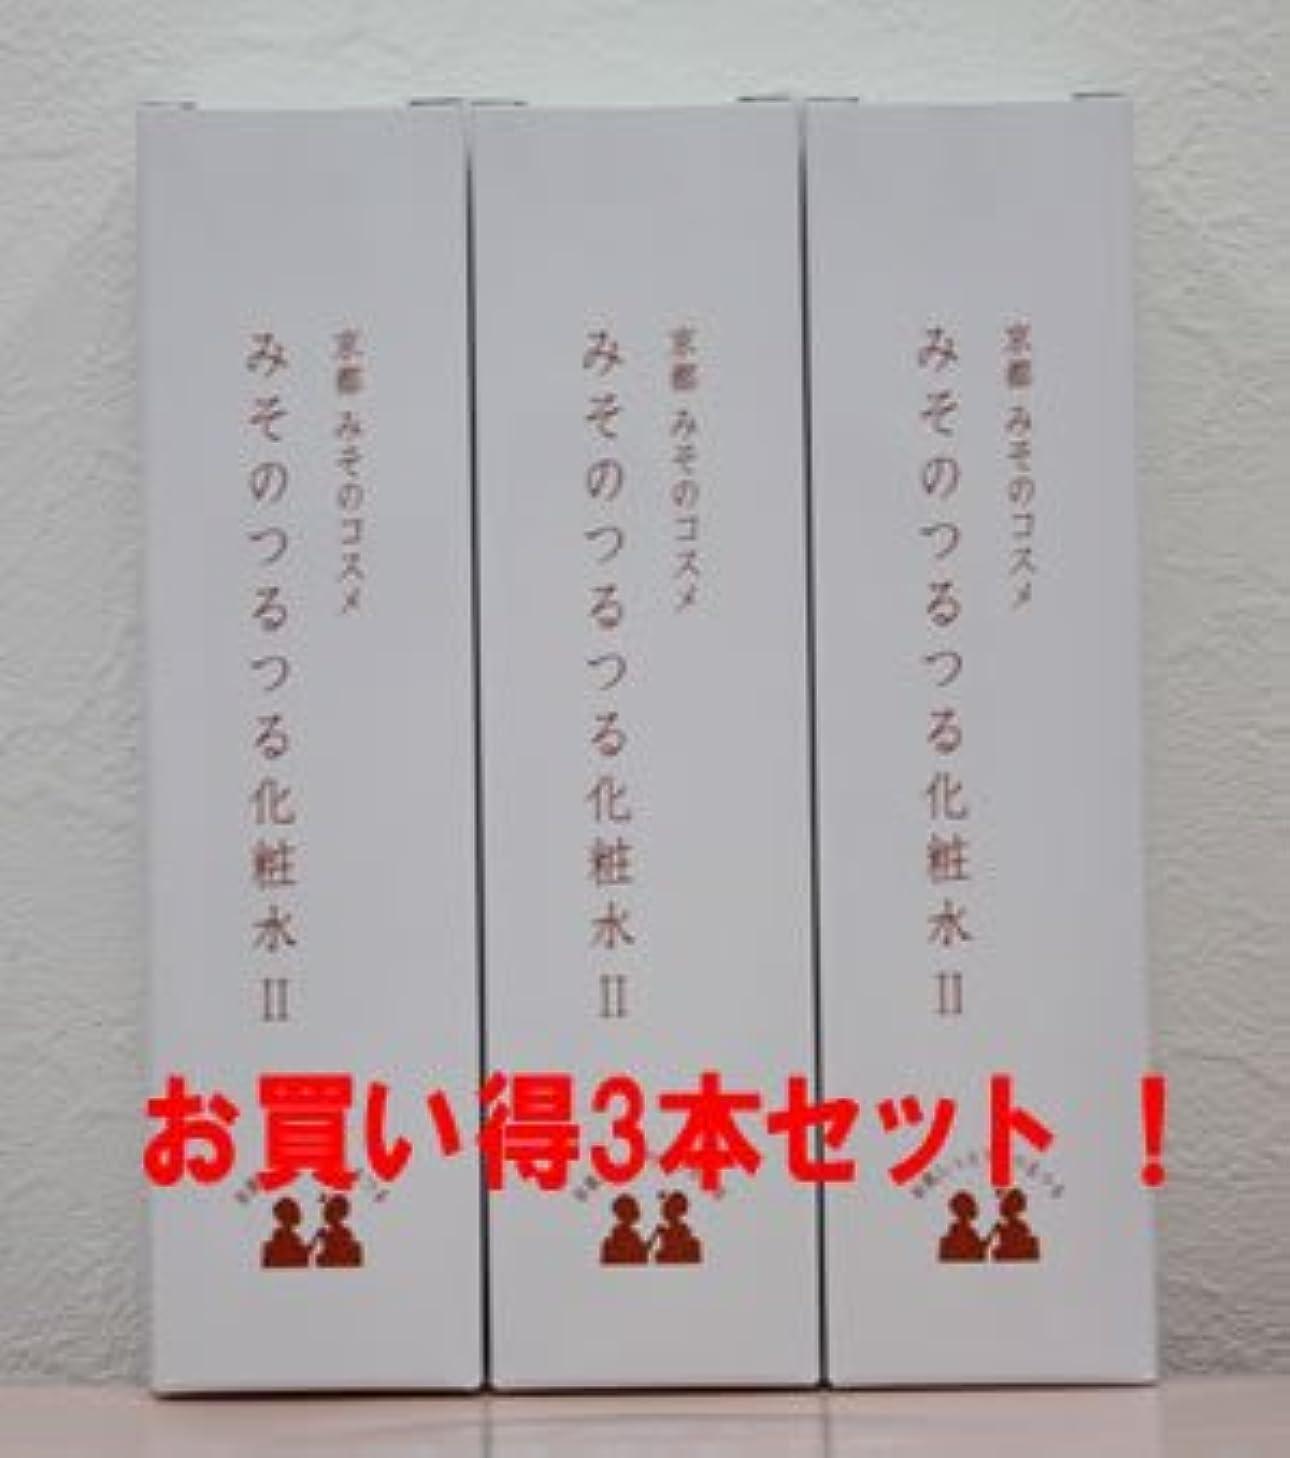 タイヤハリウッド神(お買得3個セット)みそのつるつる化粧水II 150ml